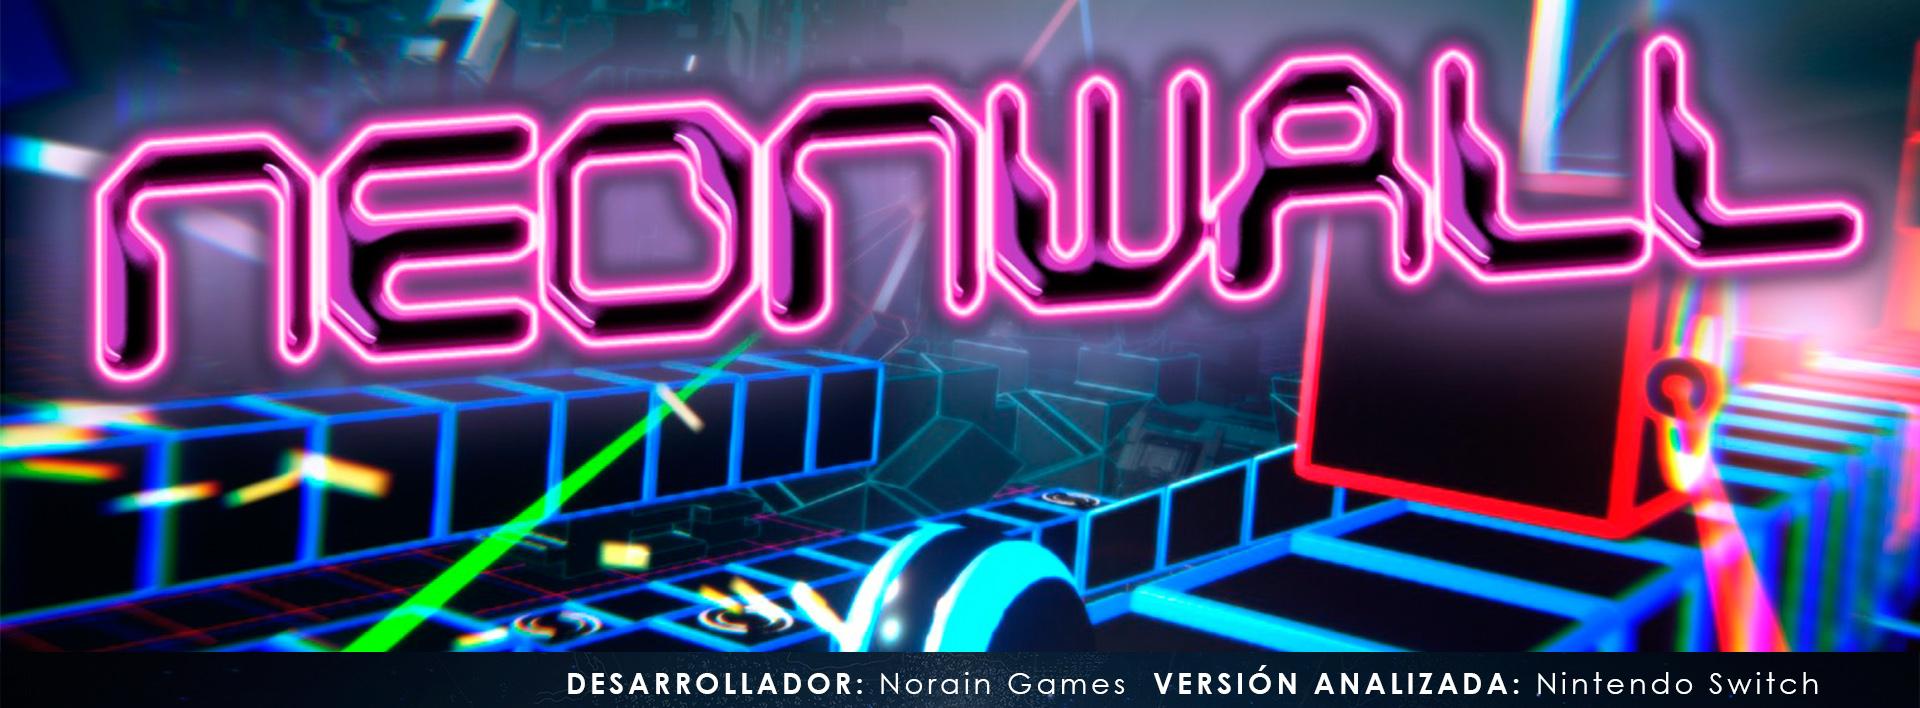 Cab neonwall